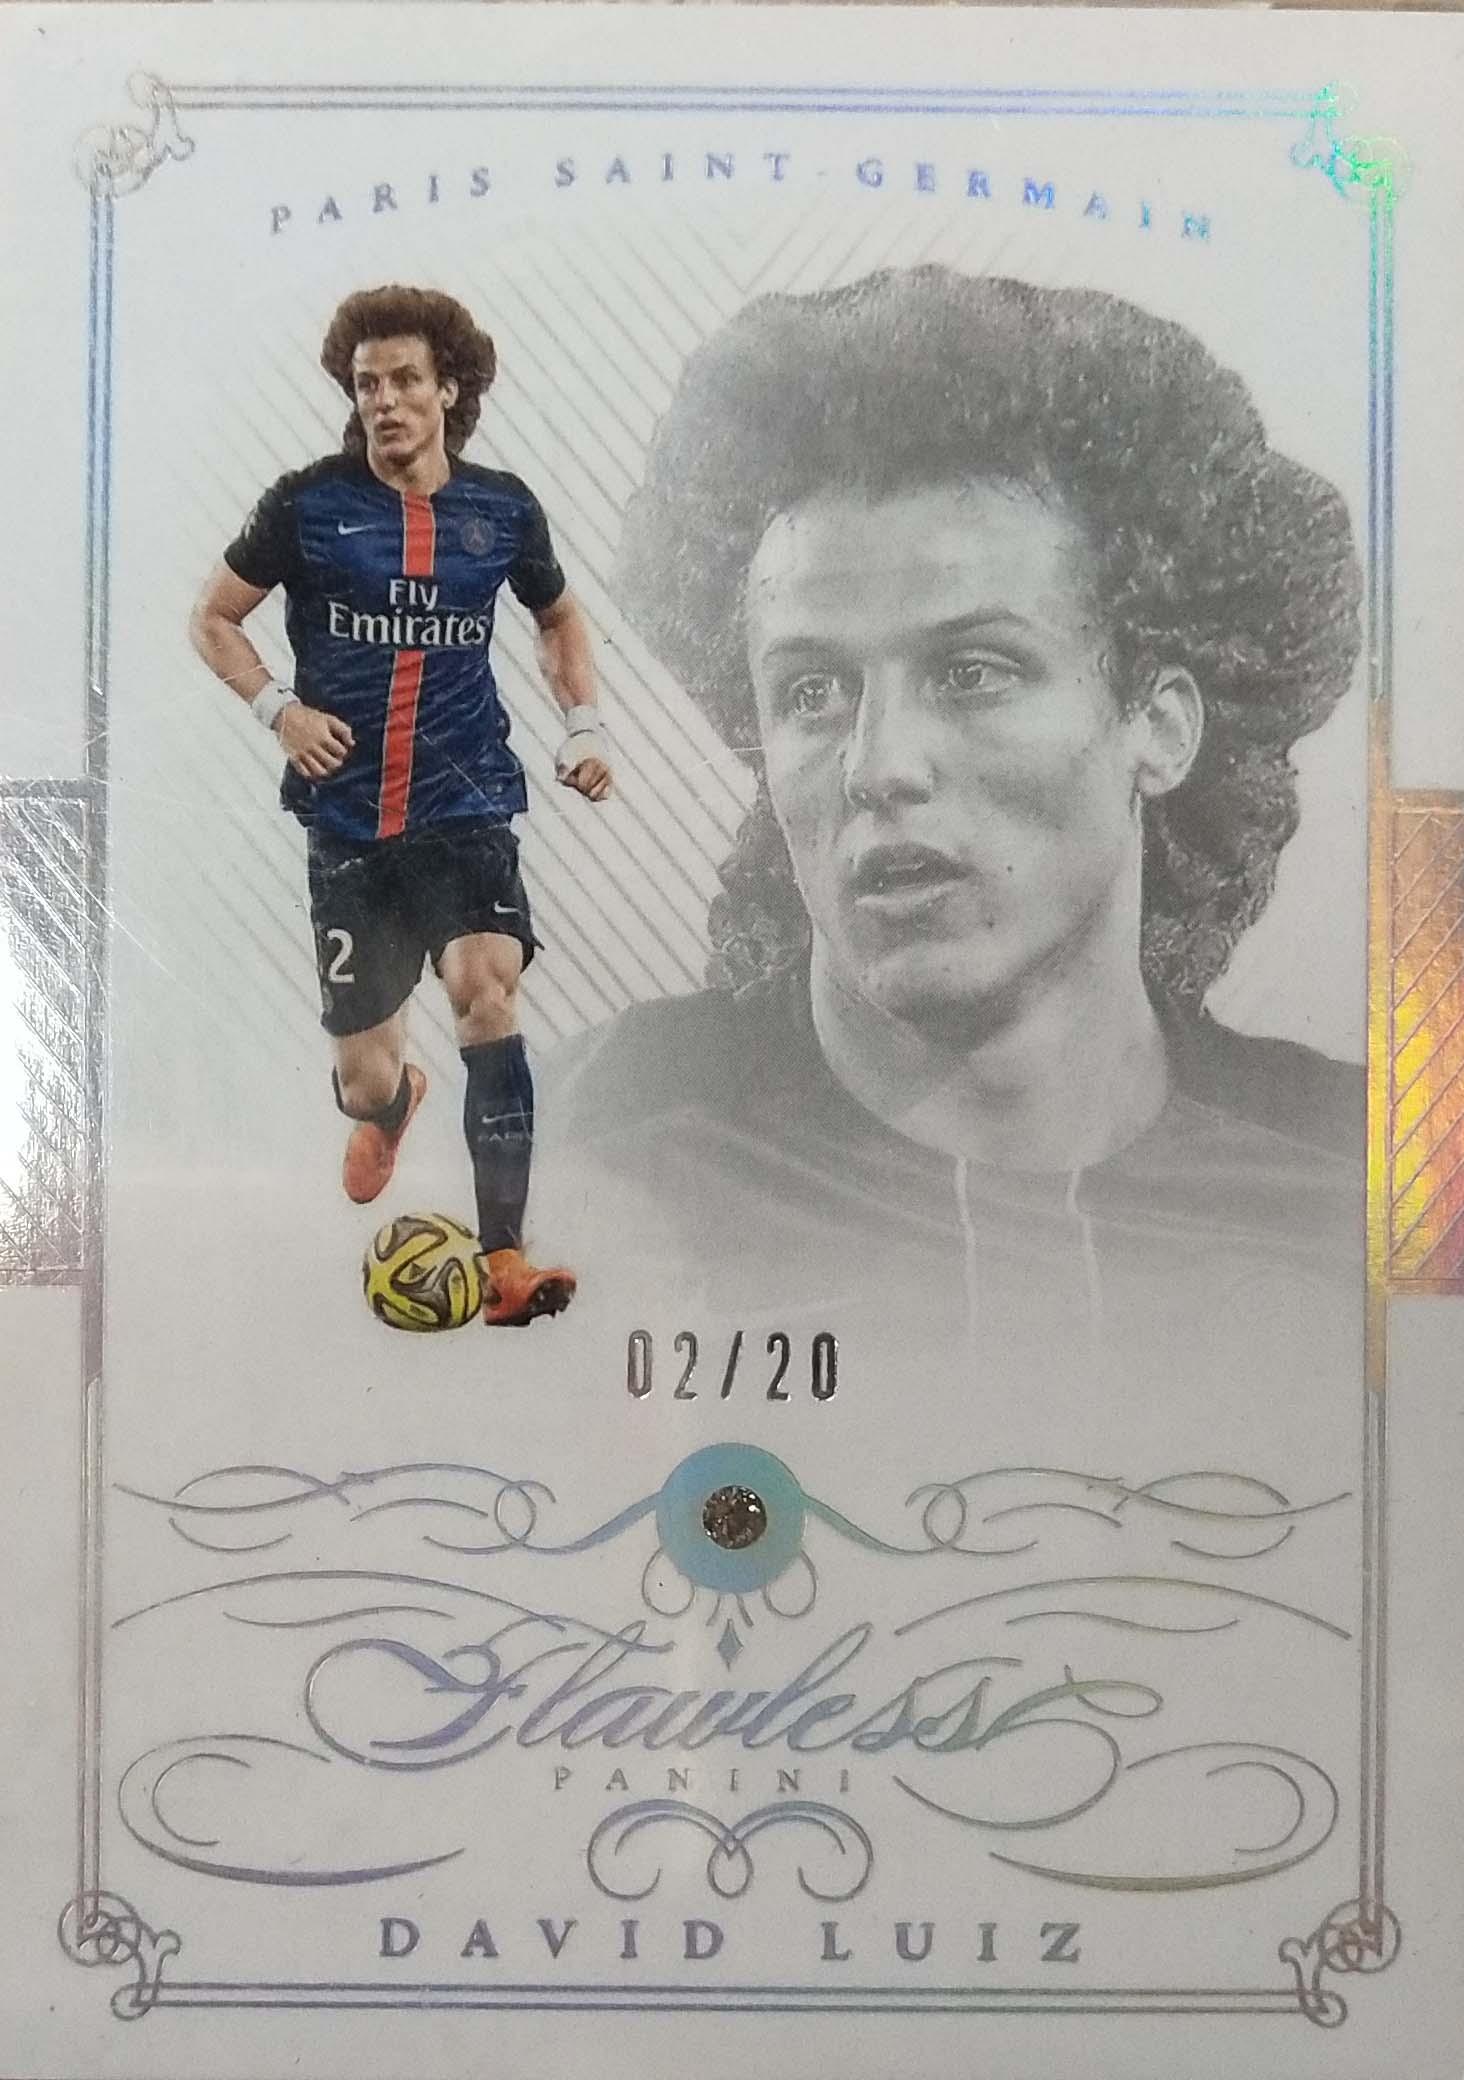 【自若清风】2016Panini帕尼尼手提箱足球球星卡David Luiz大卫·路易斯巴黎圣日耳曼2/20NO.23基础卡